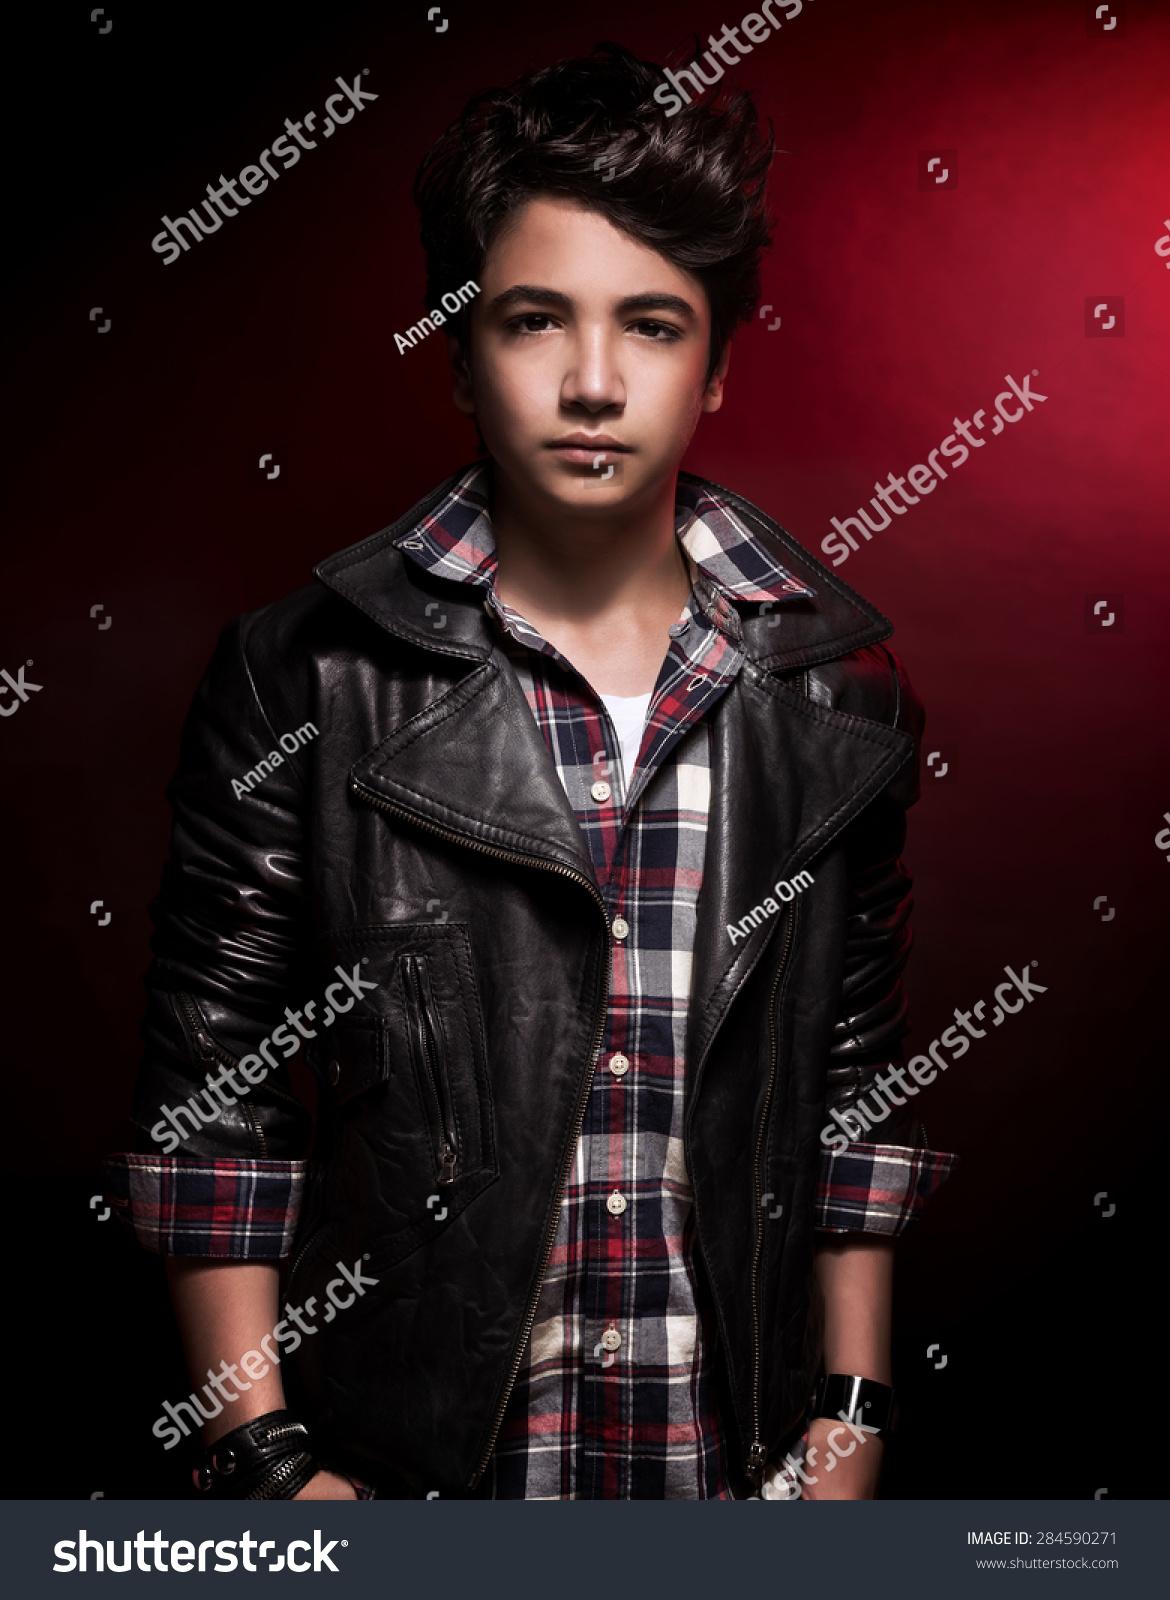 Фото мальчик подросток модель